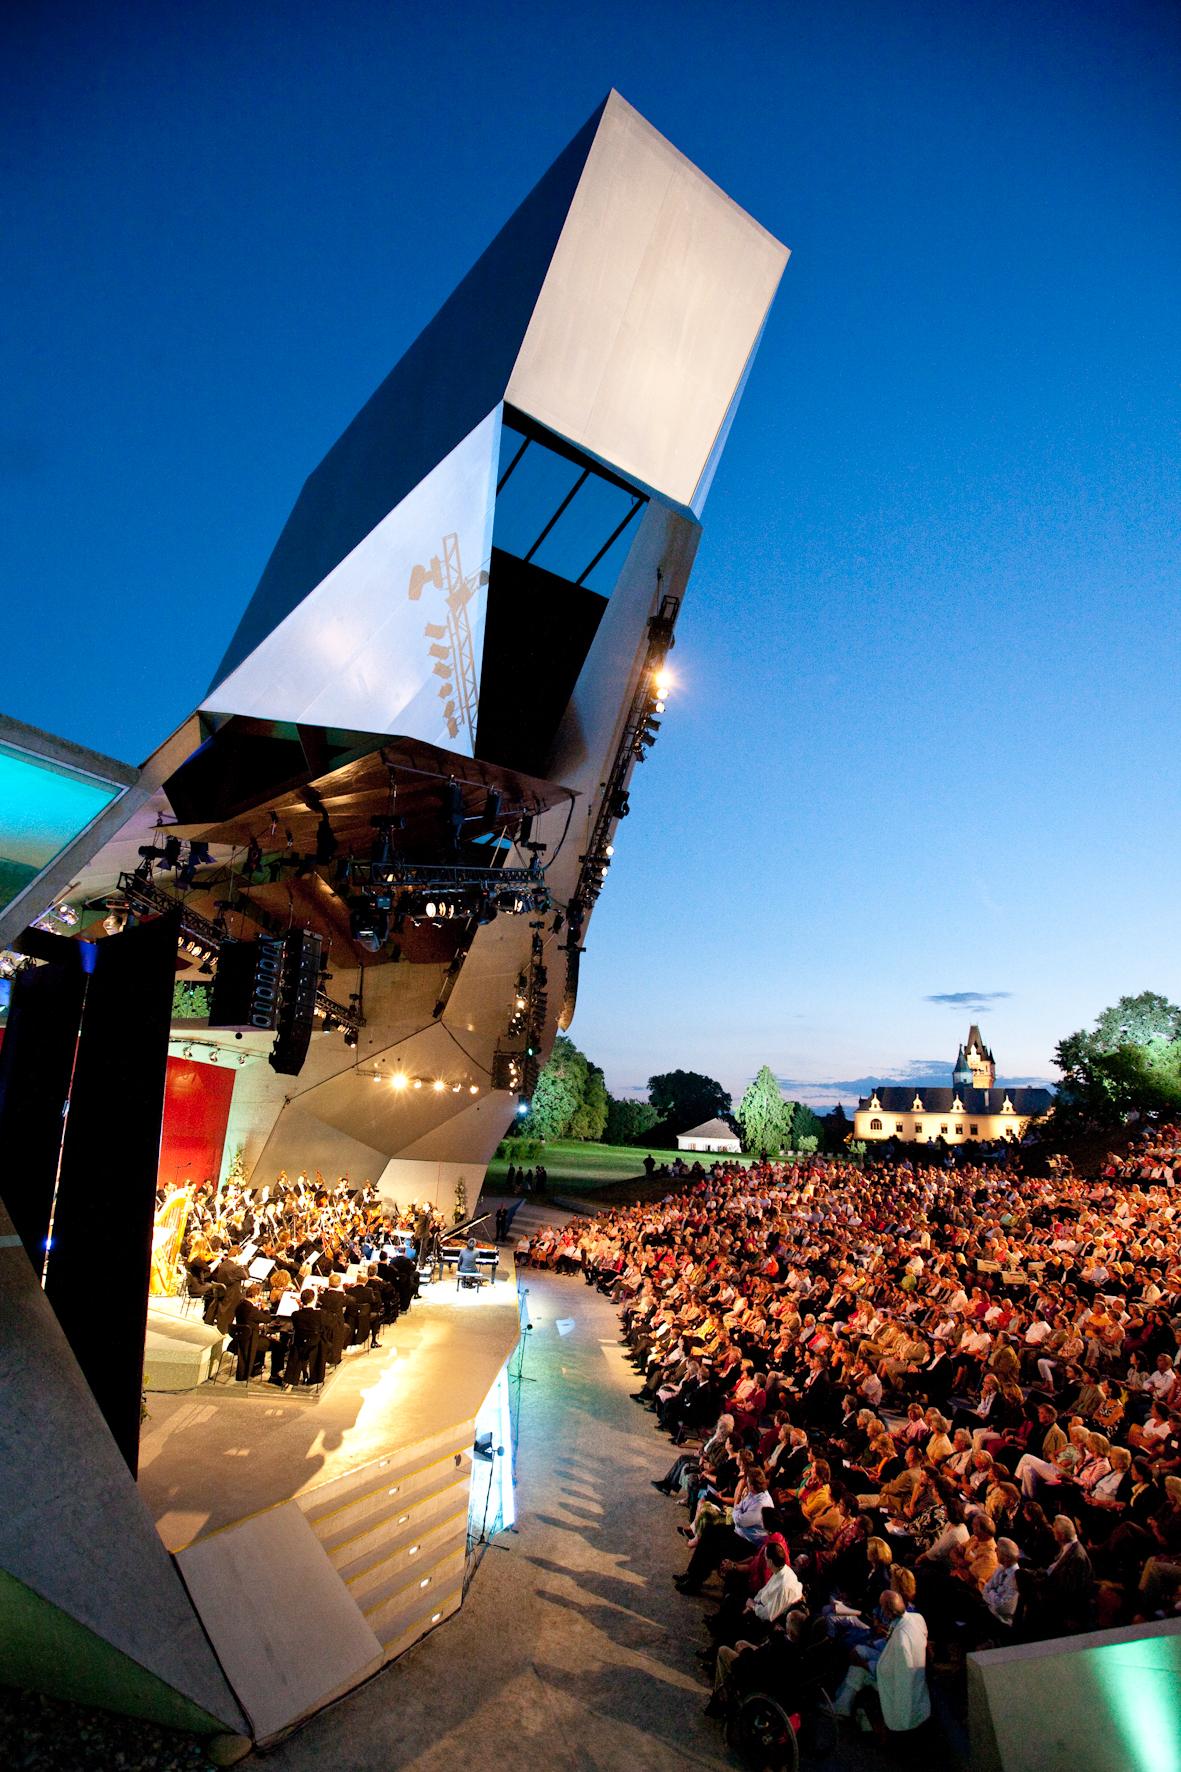 Tonknstler-Orchester Niedersterreich - menus2view.com